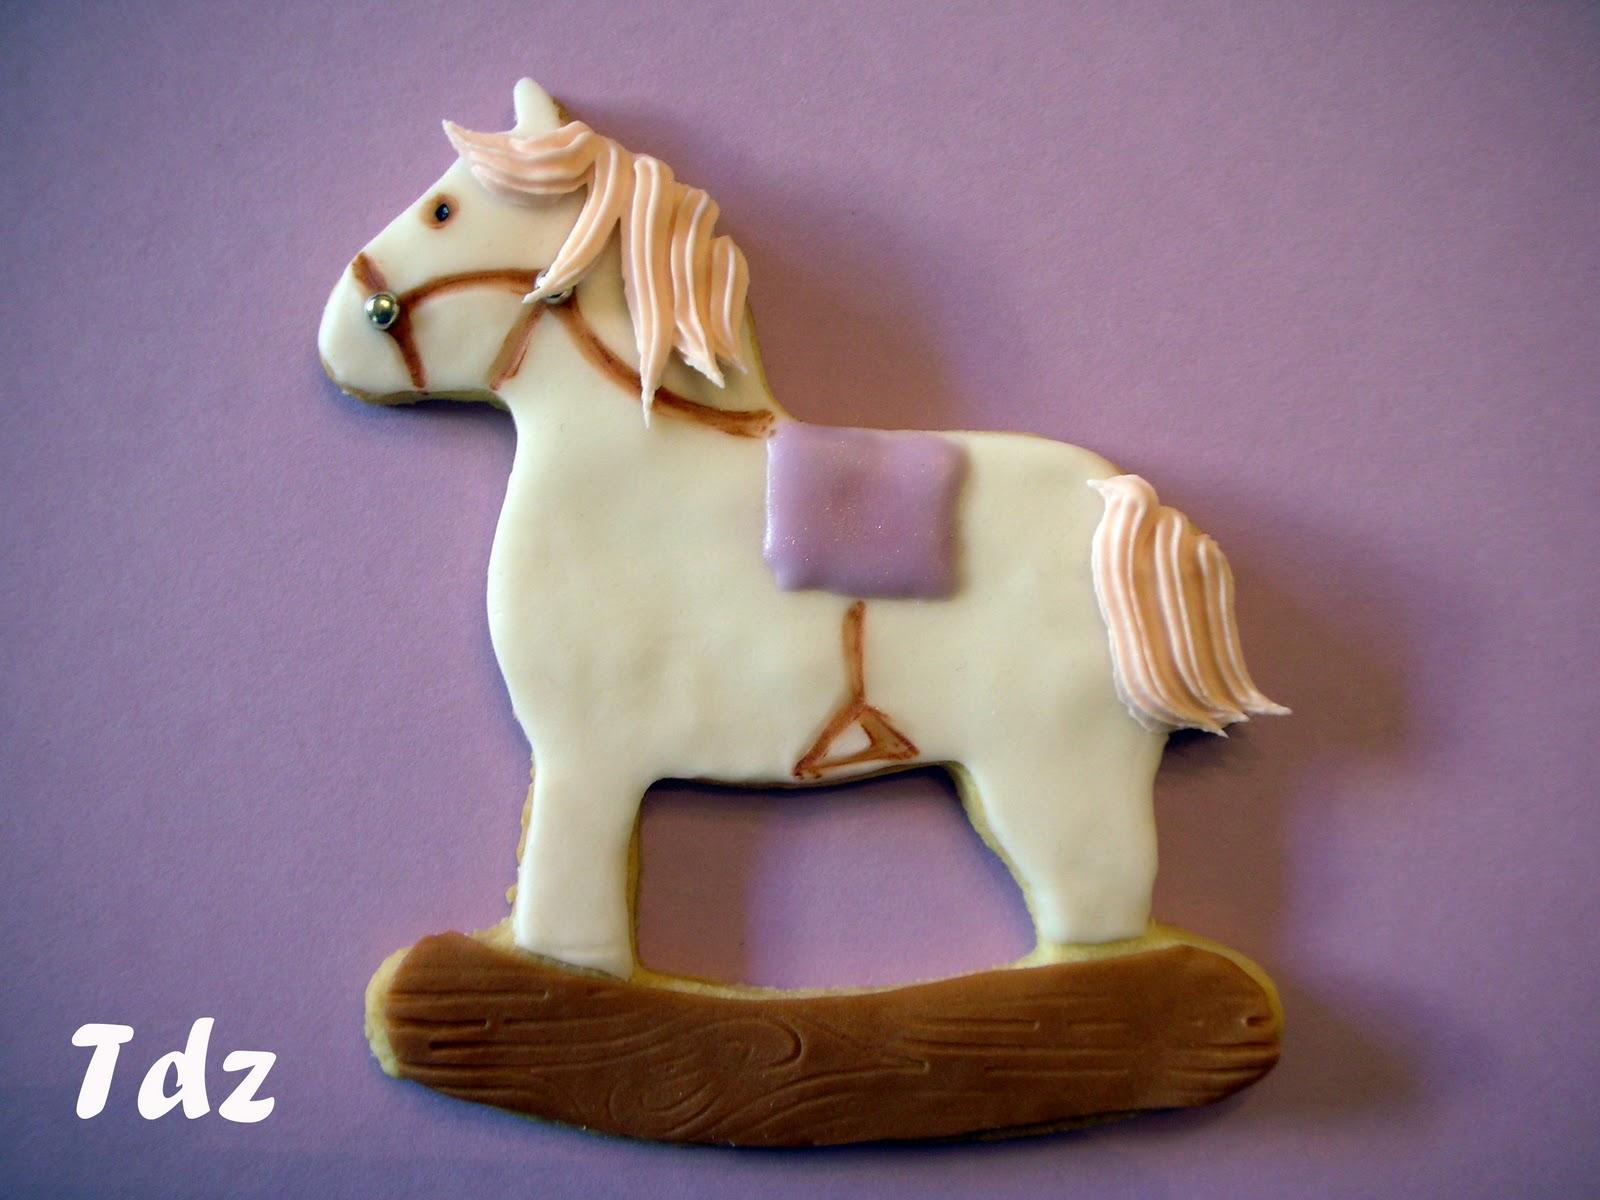 Biscotti Cavallo A Dondolo Pasta Di Zucchero.Testa Di Zucchero San Martin O A Cavallo Di Pasta Frolla